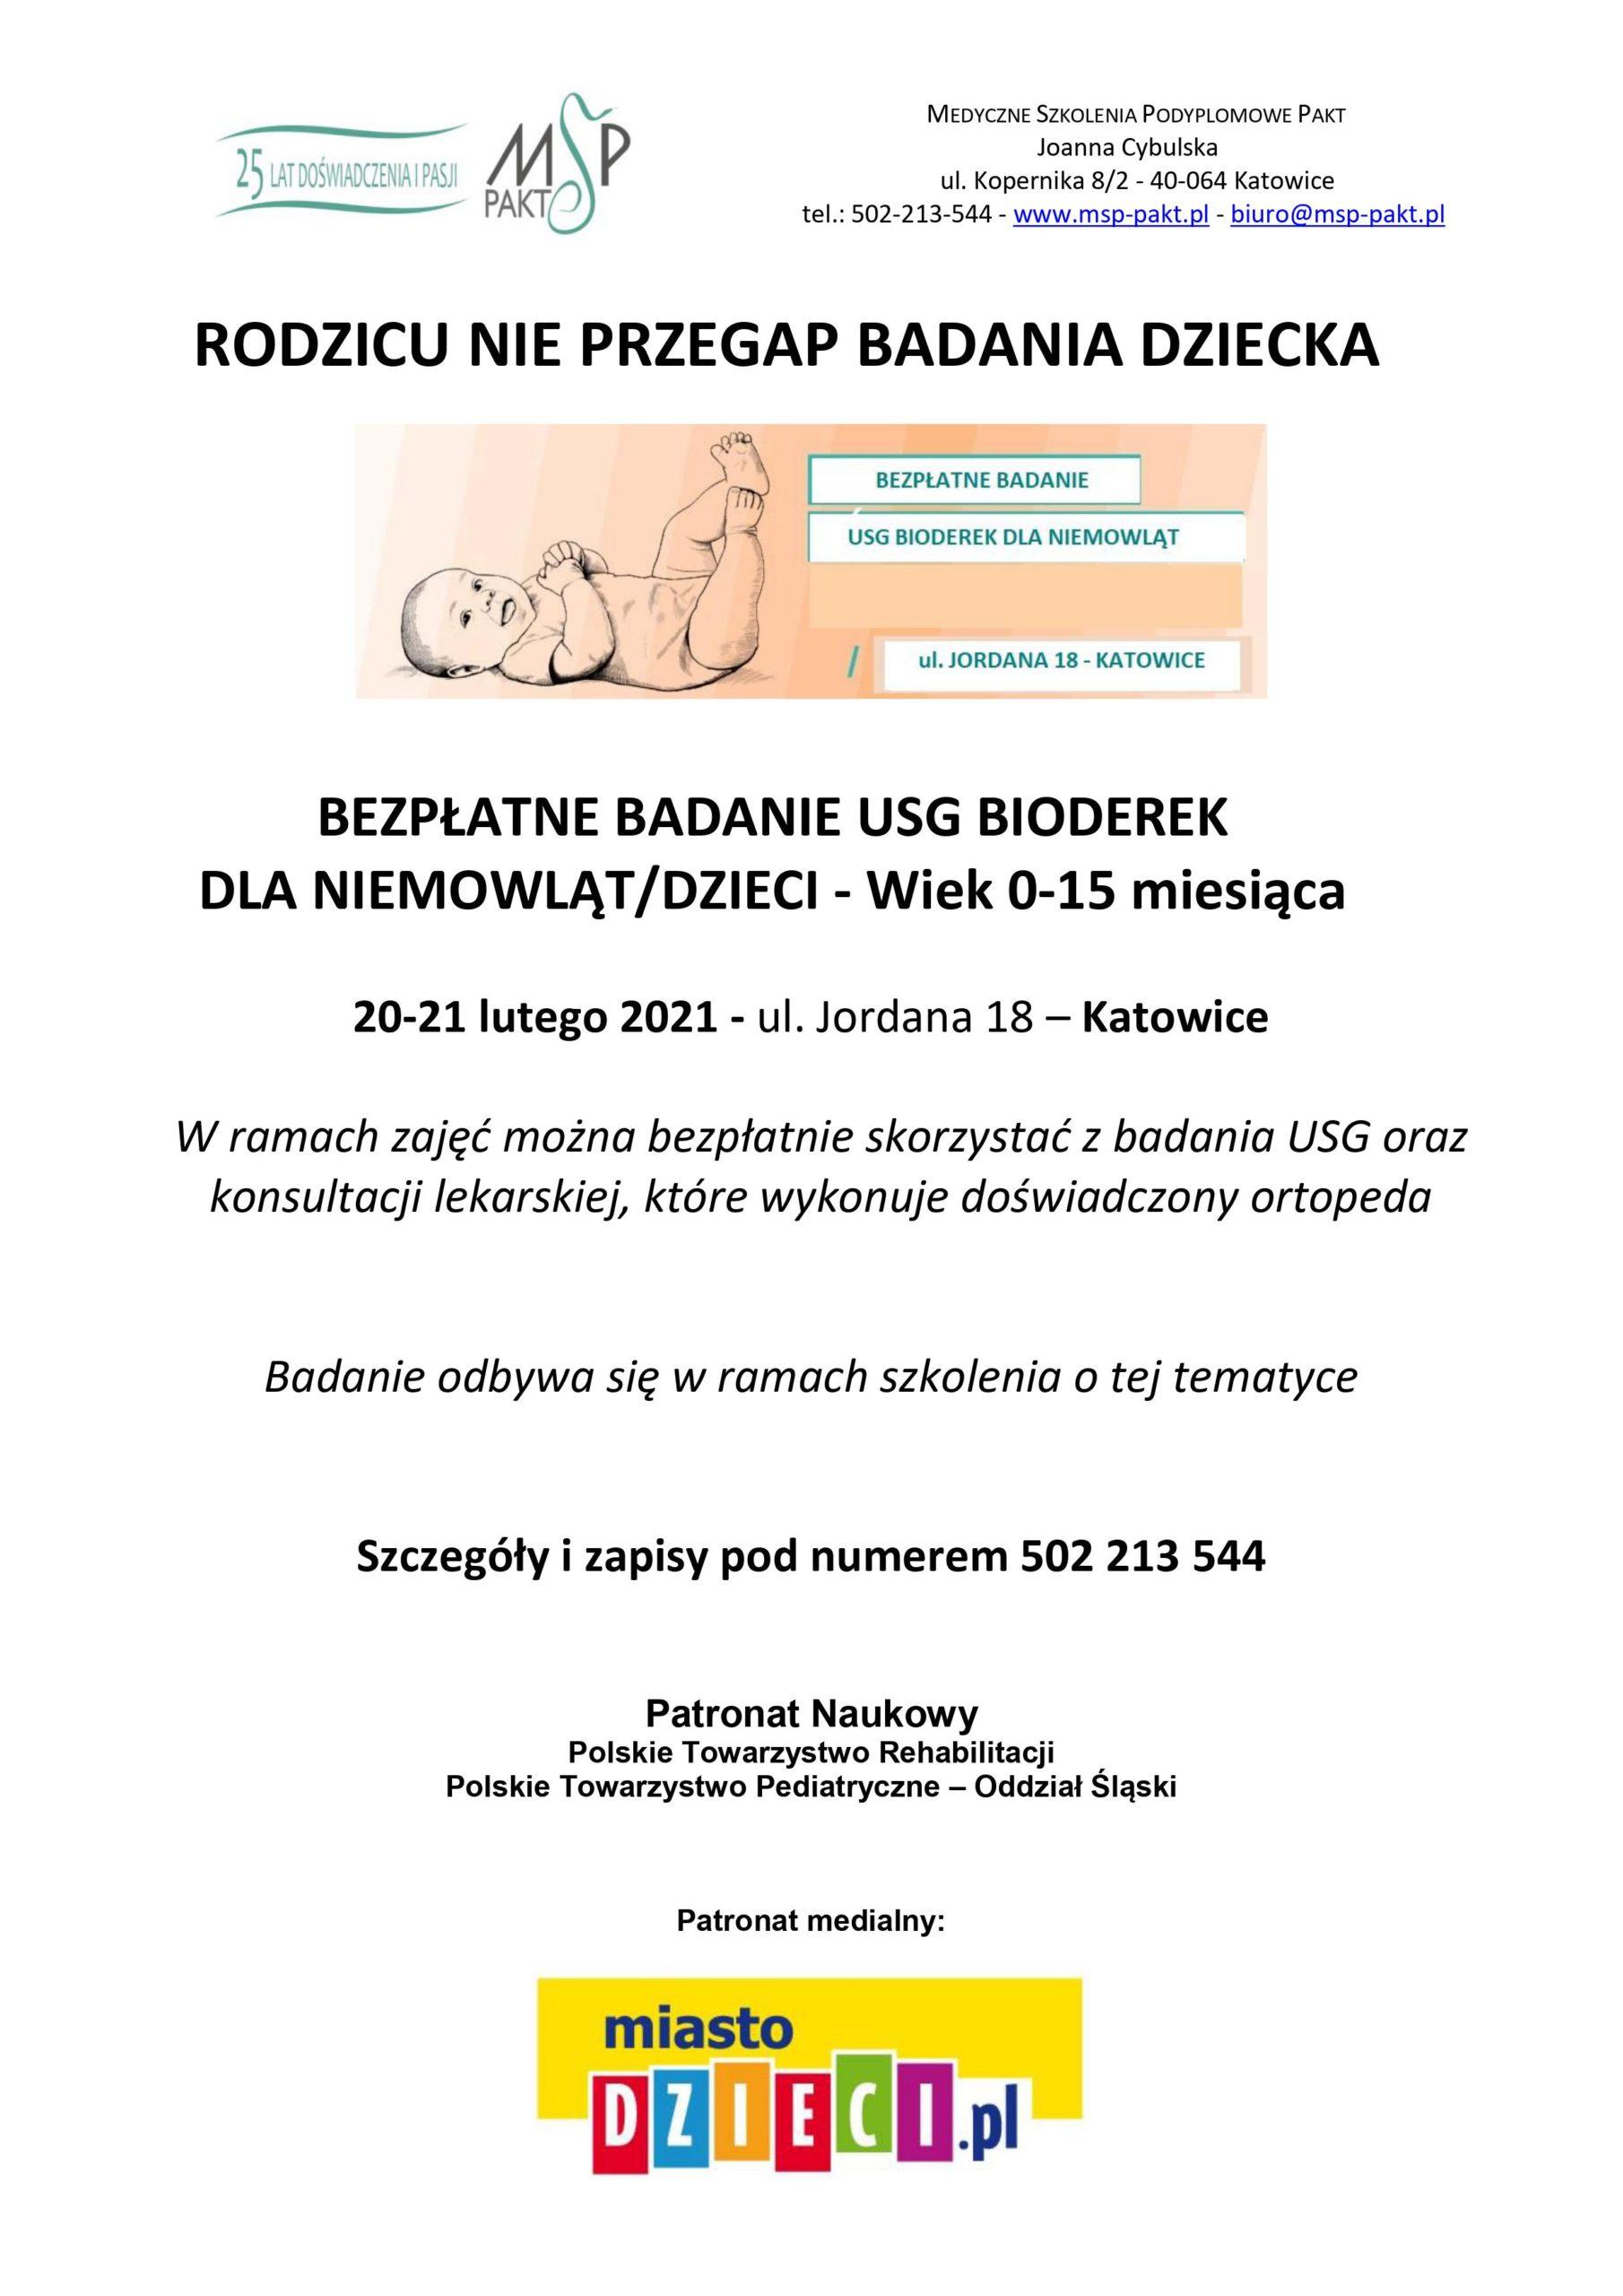 Akcja bezpłatnych badań USG bioderek niemowląt oraz dzieci do 15 miesiąca życia